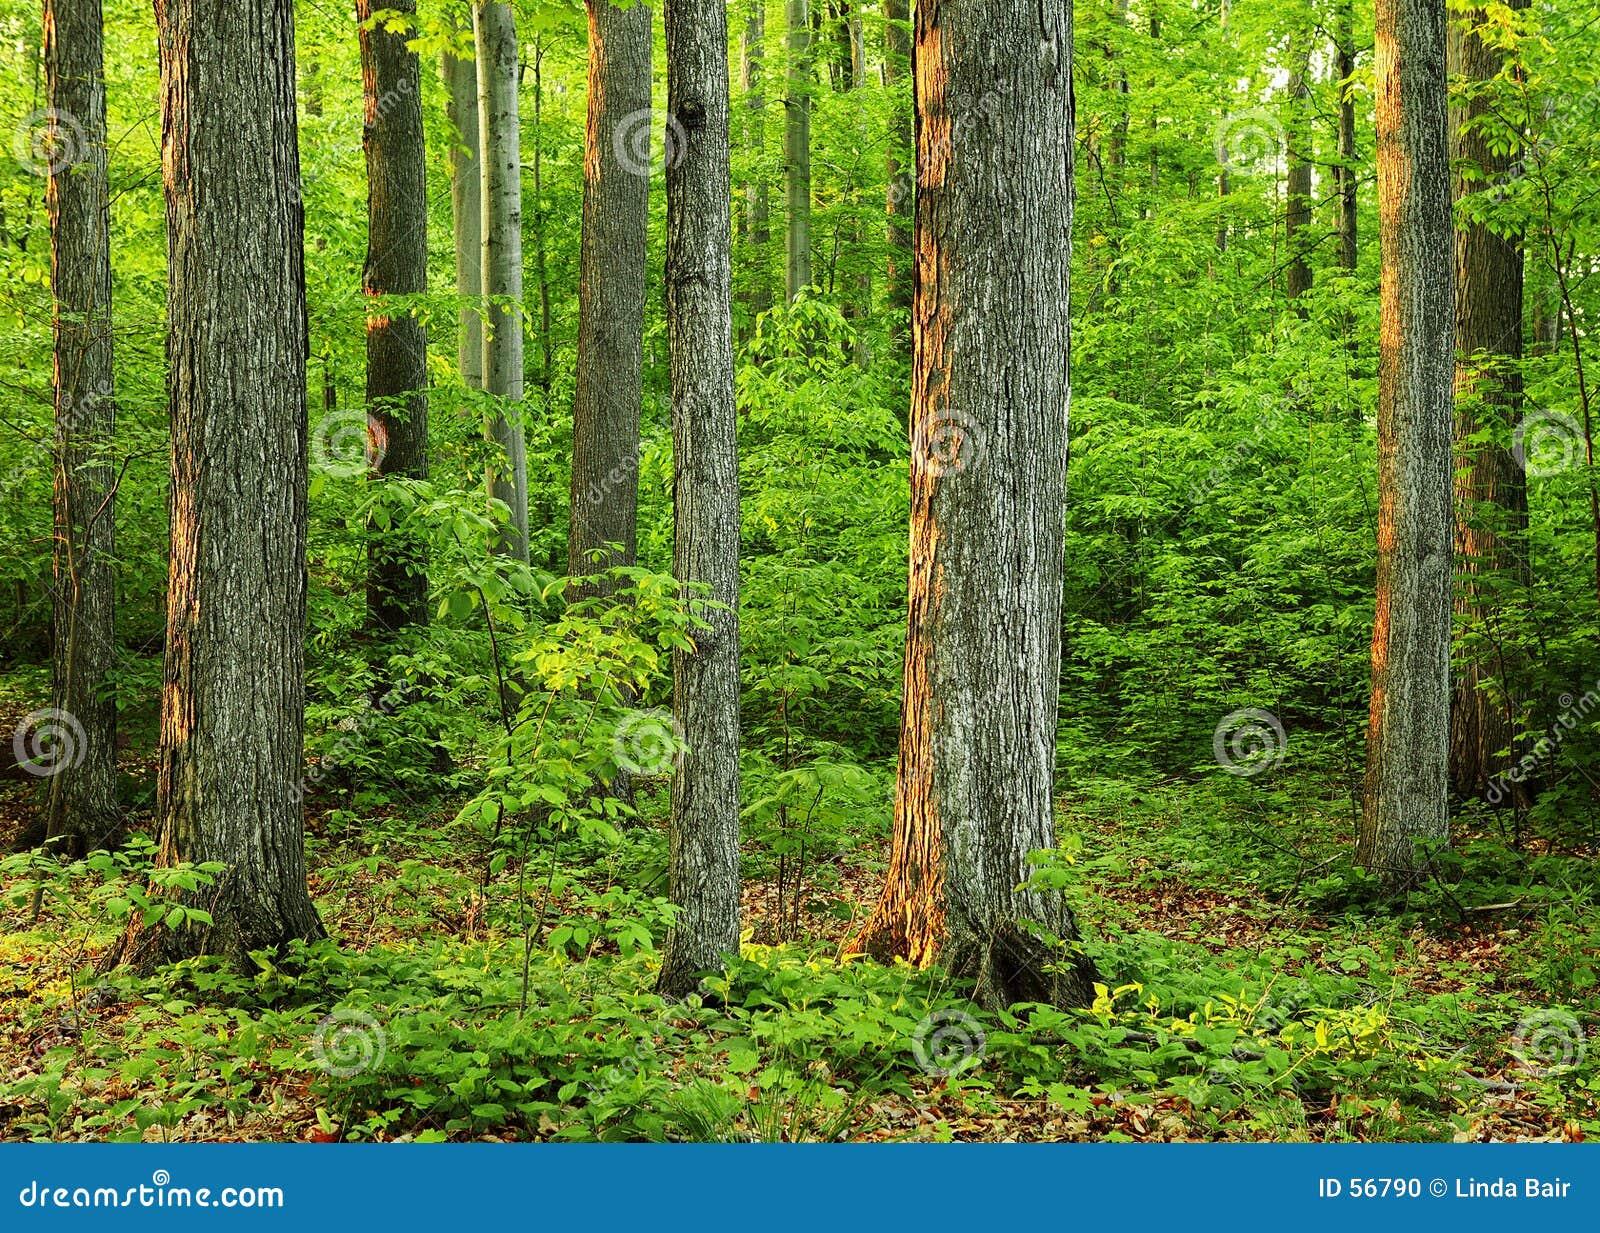 Wald des alten Wachstums ?in der heiligen Waldung?